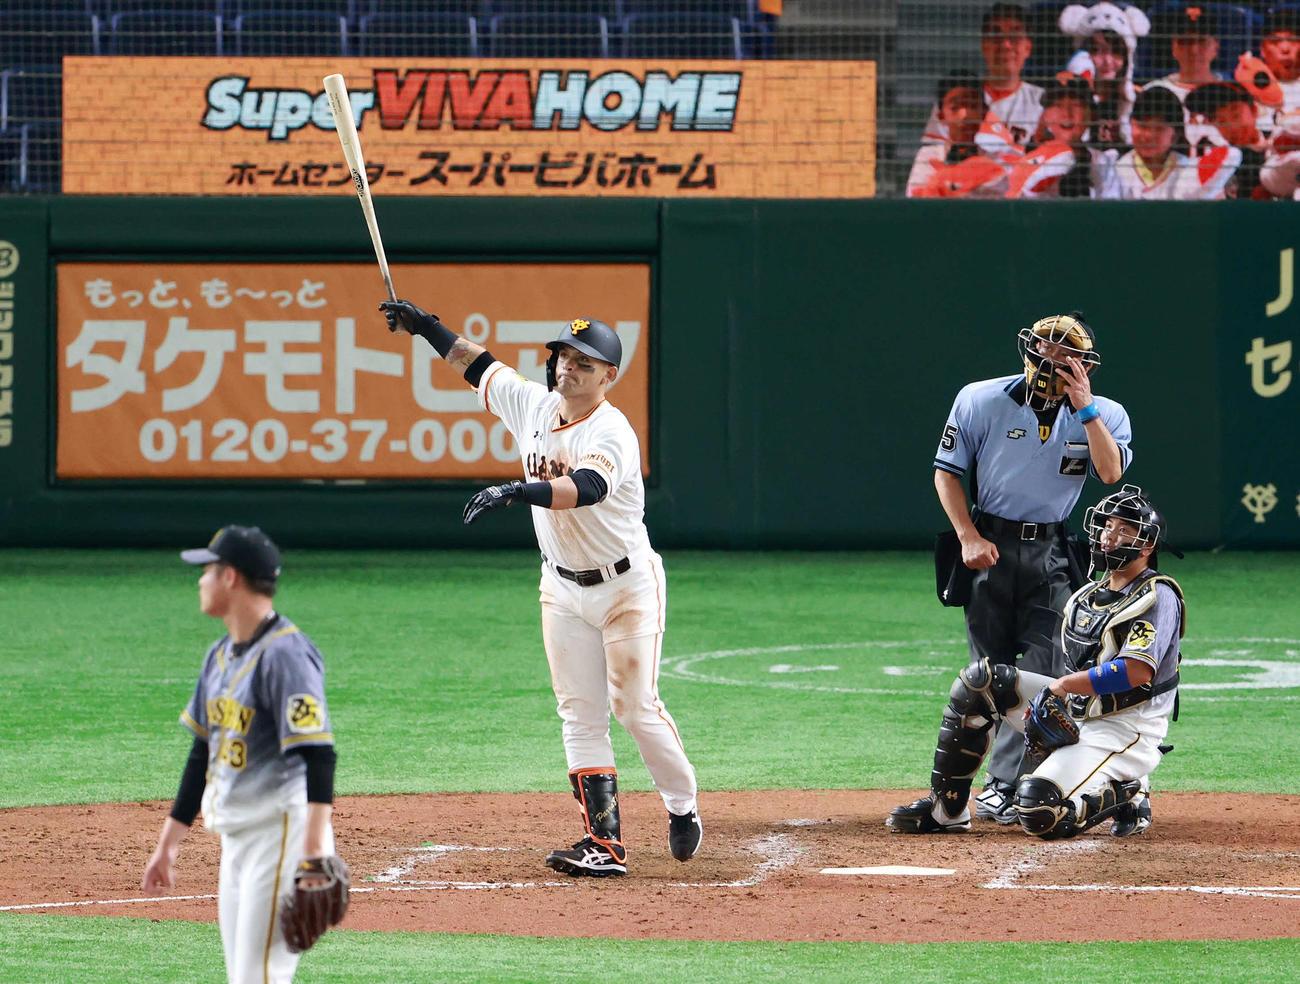 巨人対阪神 5回裏巨人2死一塁、2点本塁打を放つパーラ。投手守屋(撮影・江口和貴)